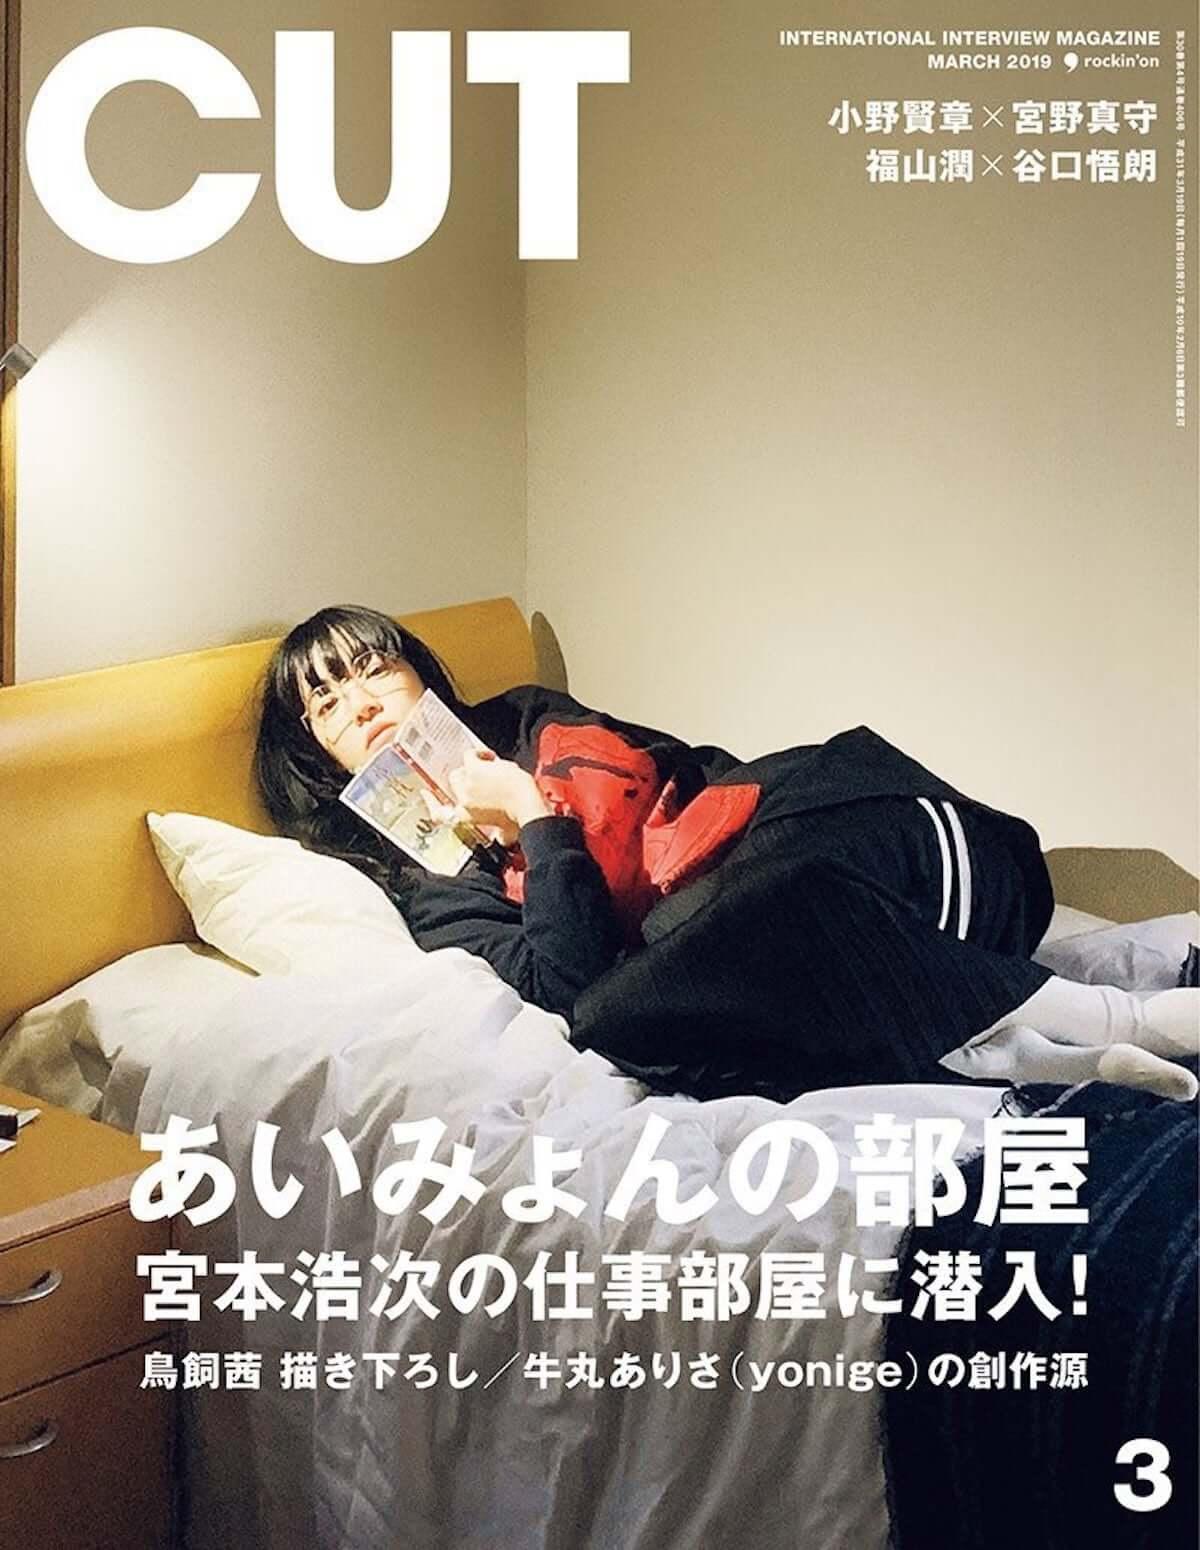 あいみょんがインタビューマガジン『CUT』3月号の表紙に|今回の特集は「アーティストの部屋」 190221_aimyon_main-1200x1550